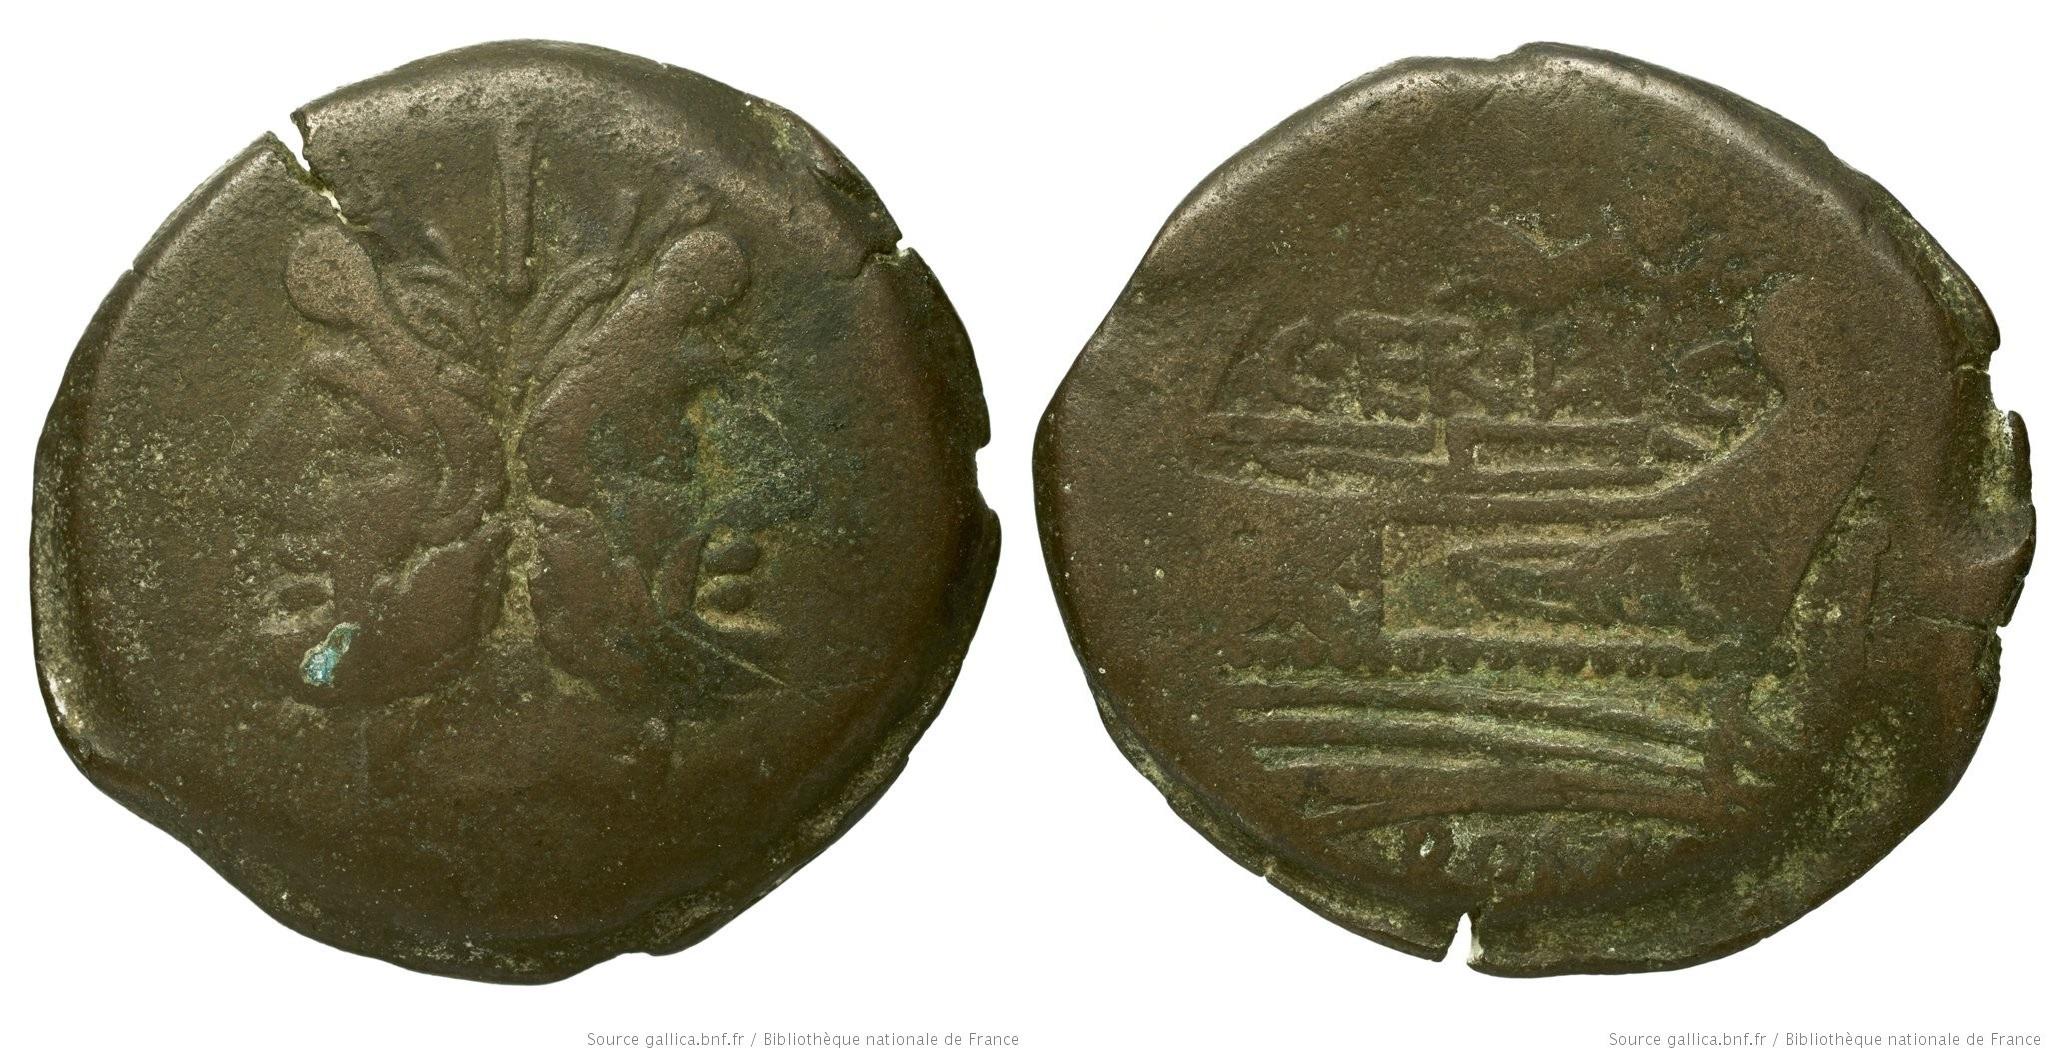 885TE – As Terentia – Caius Terentius Lucanus